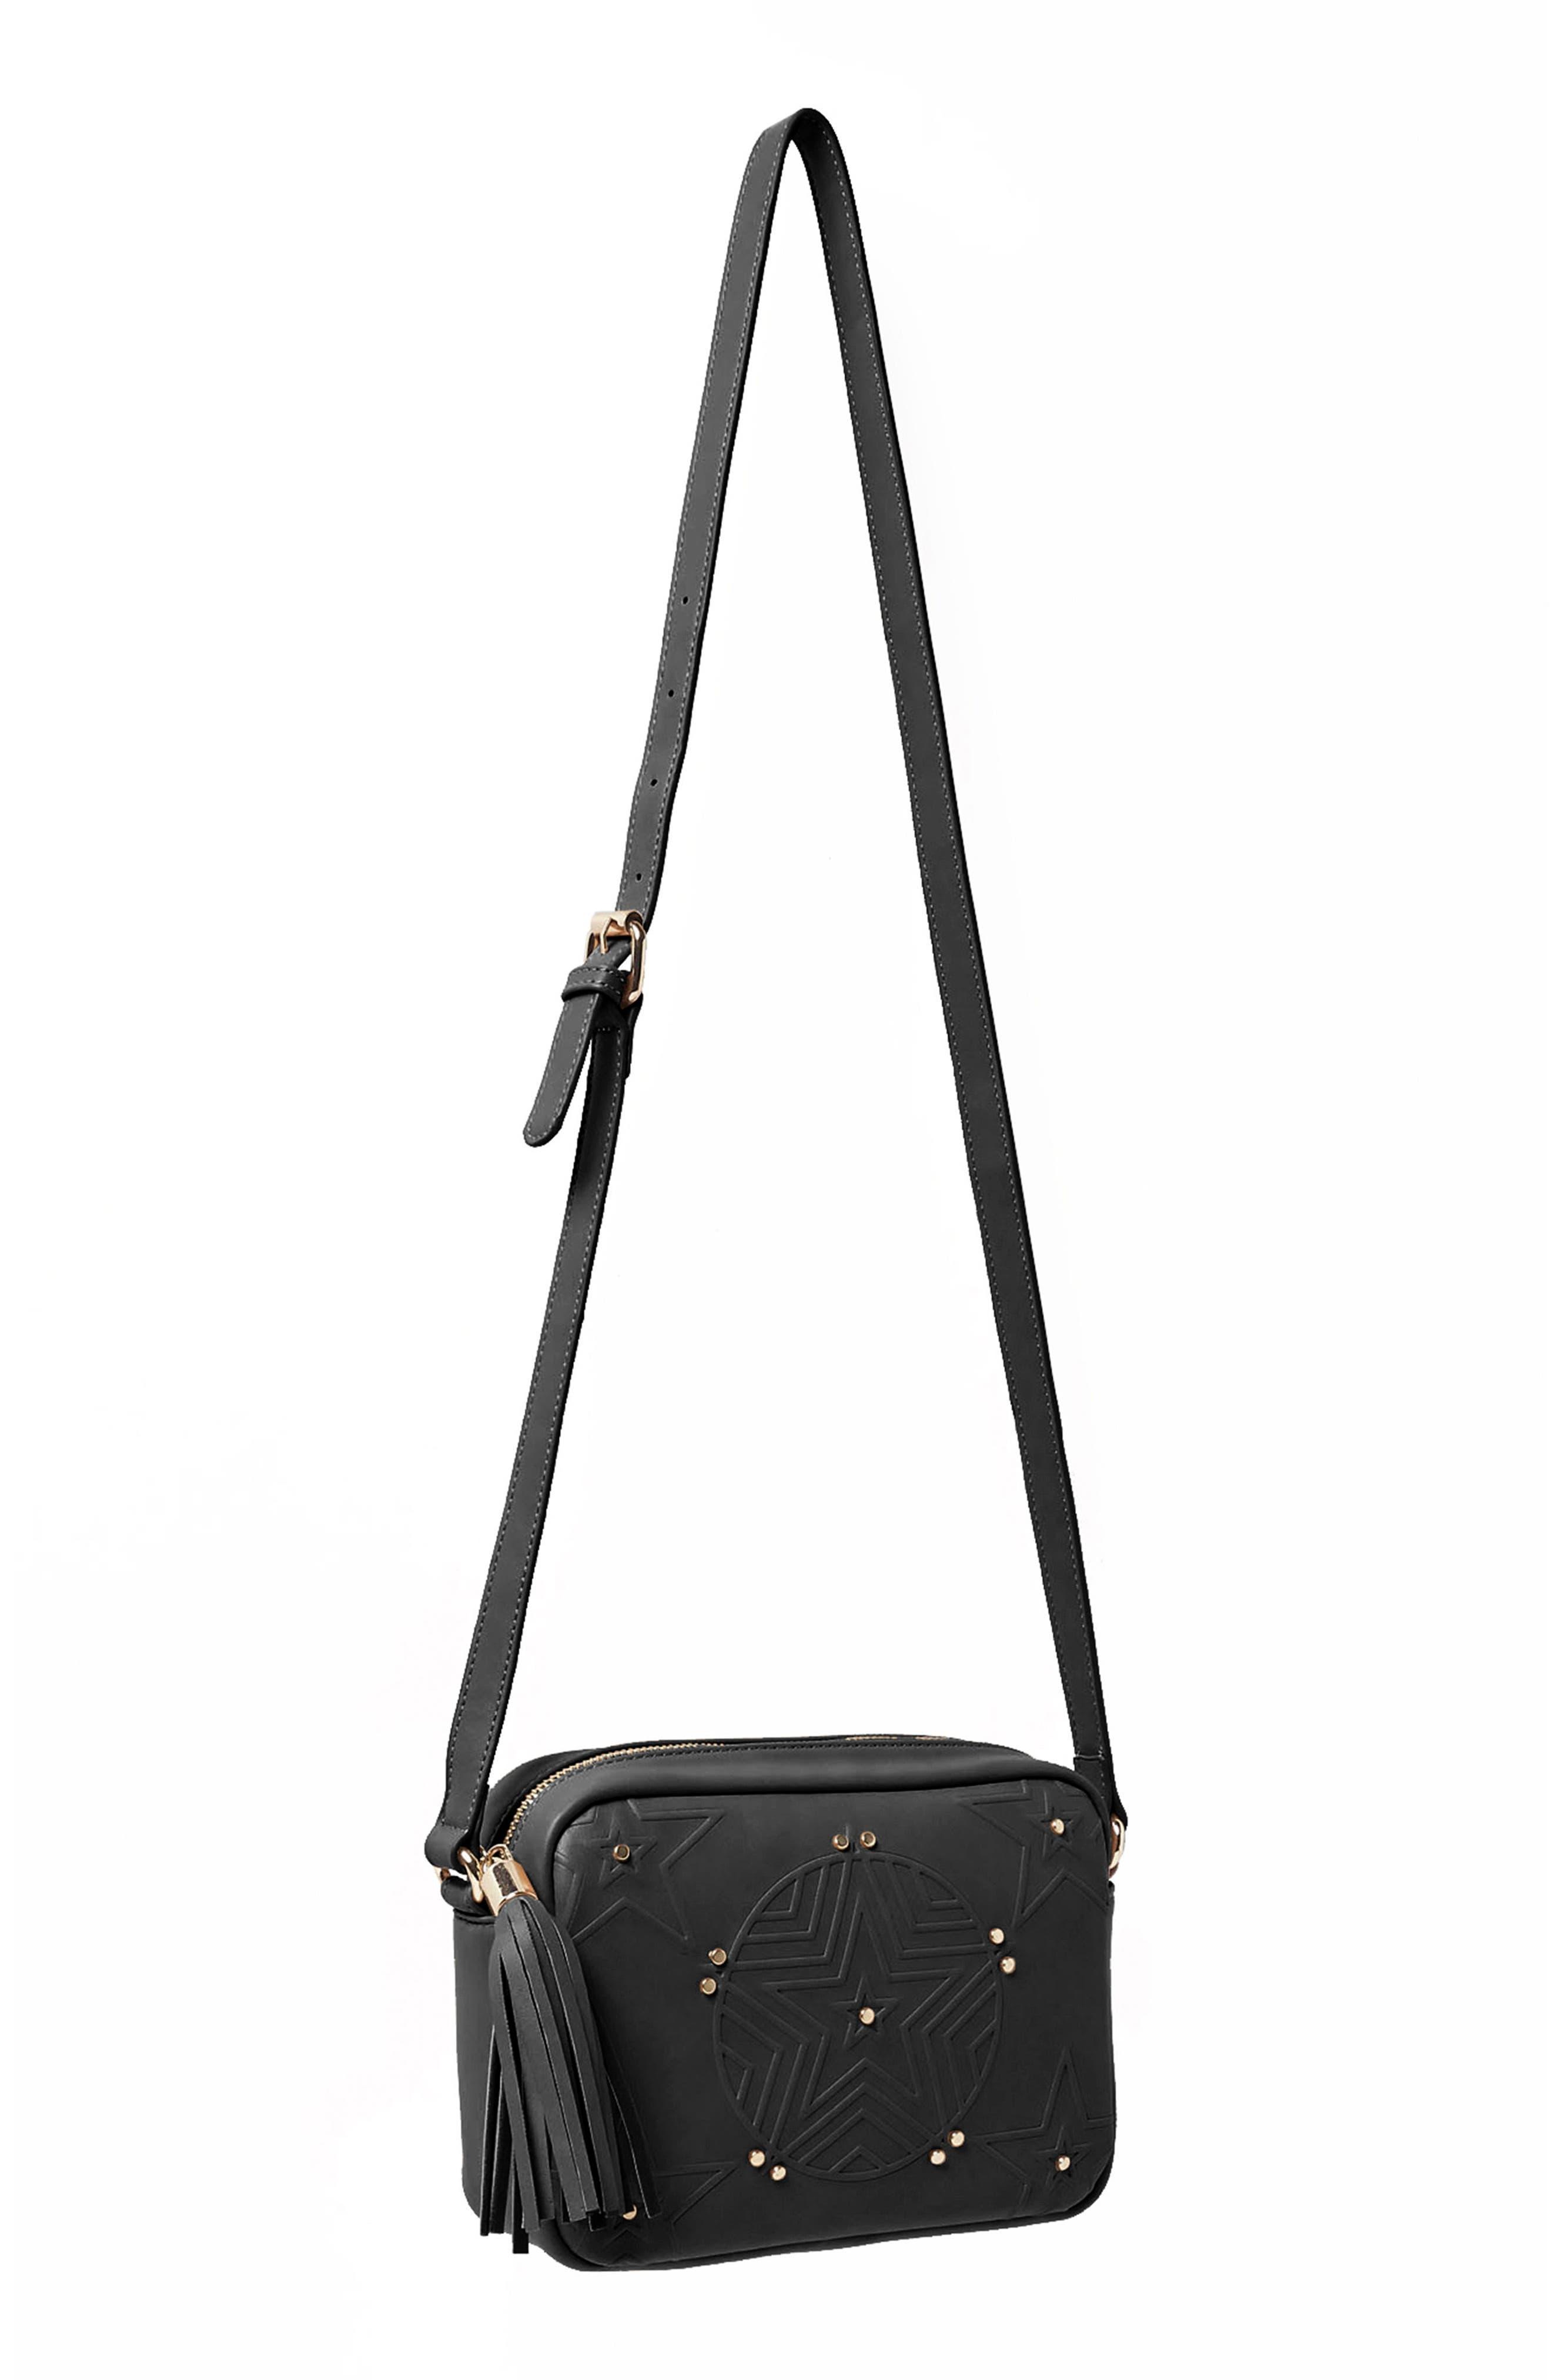 Stargazer Vegan Leather Crossbody Bag,                             Alternate thumbnail 3, color,                             001